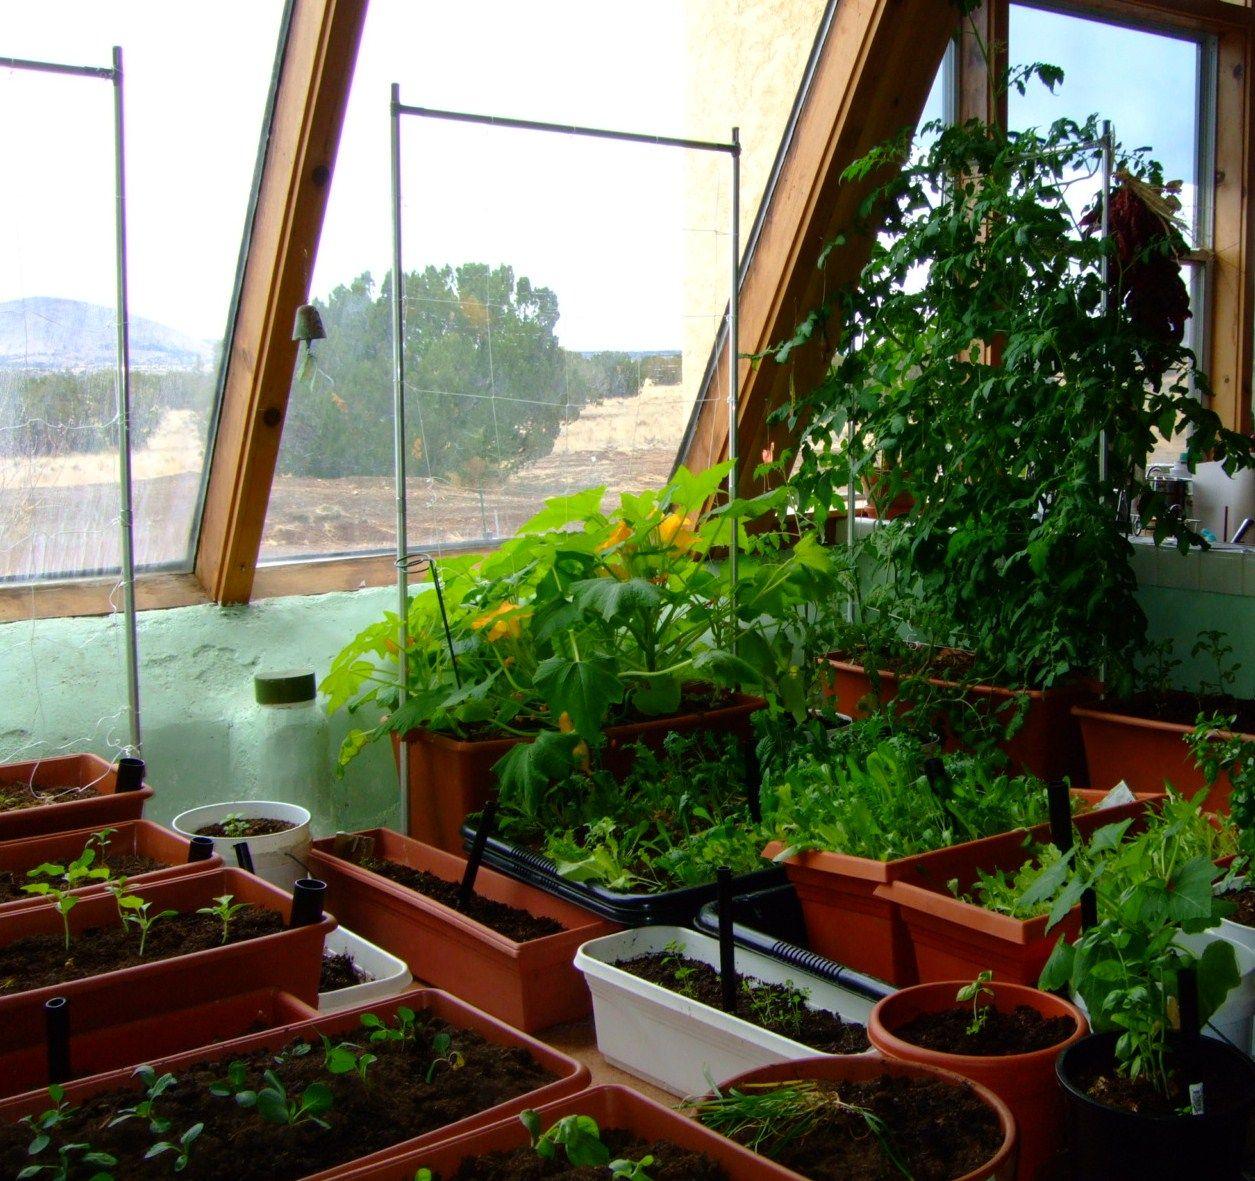 Lush greenery Binnenshuis tuinieren, Kruidentuin binnen